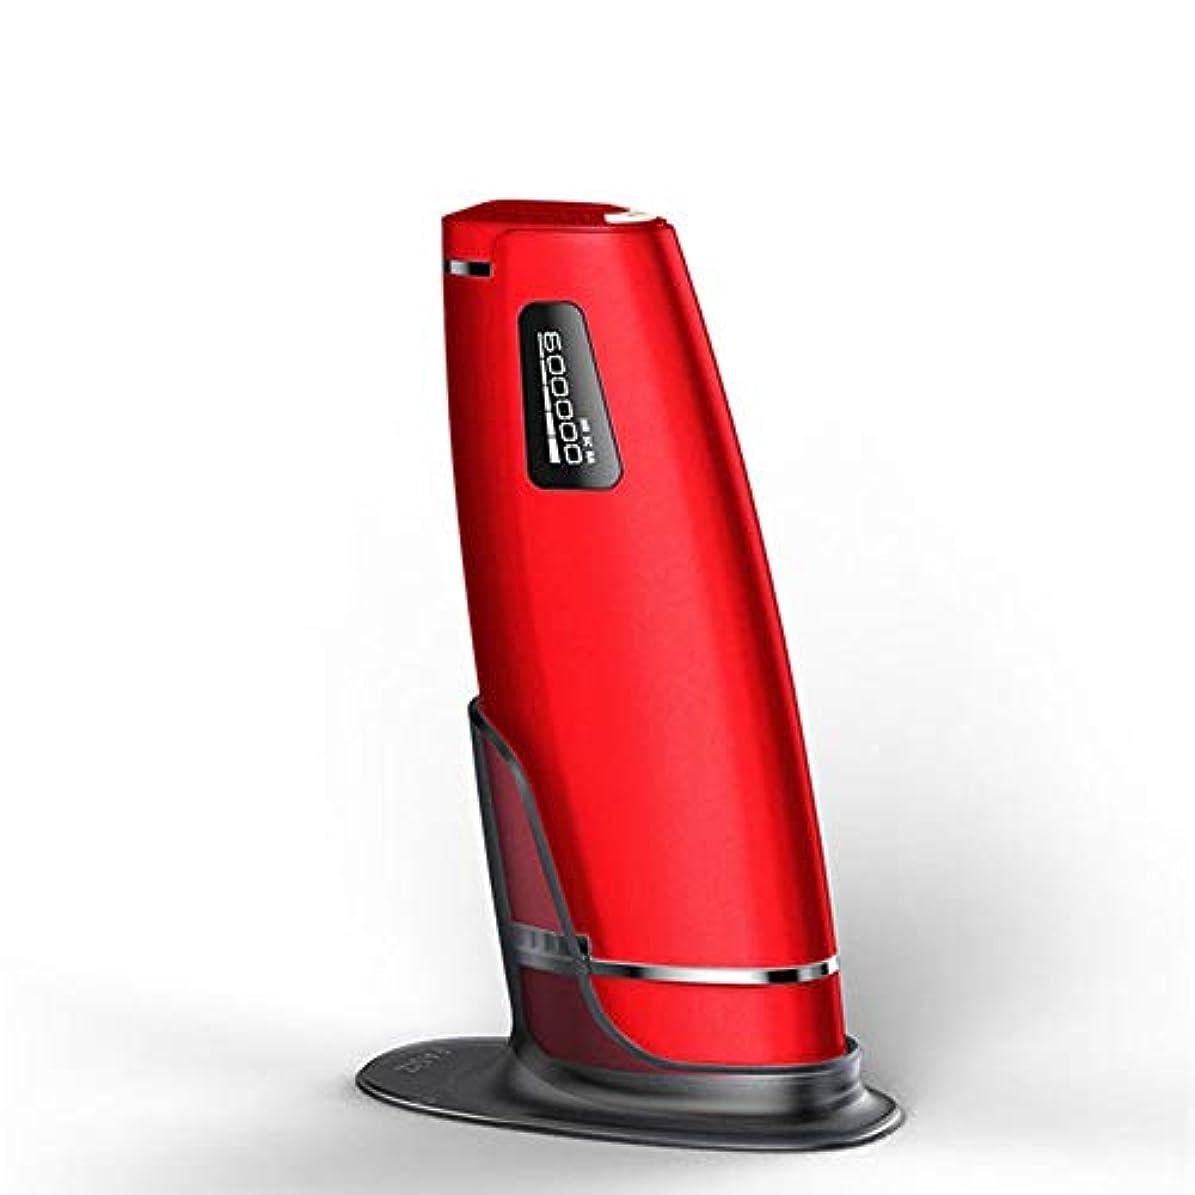 カスケードプールハシー赤、デュアルモード、ホームオートマチック無痛脱毛剤、携帯用永久脱毛剤、5スピード調整、サイズ20.5 X 4.5 X 7 Cm 髪以外はきれい (Color : Red)